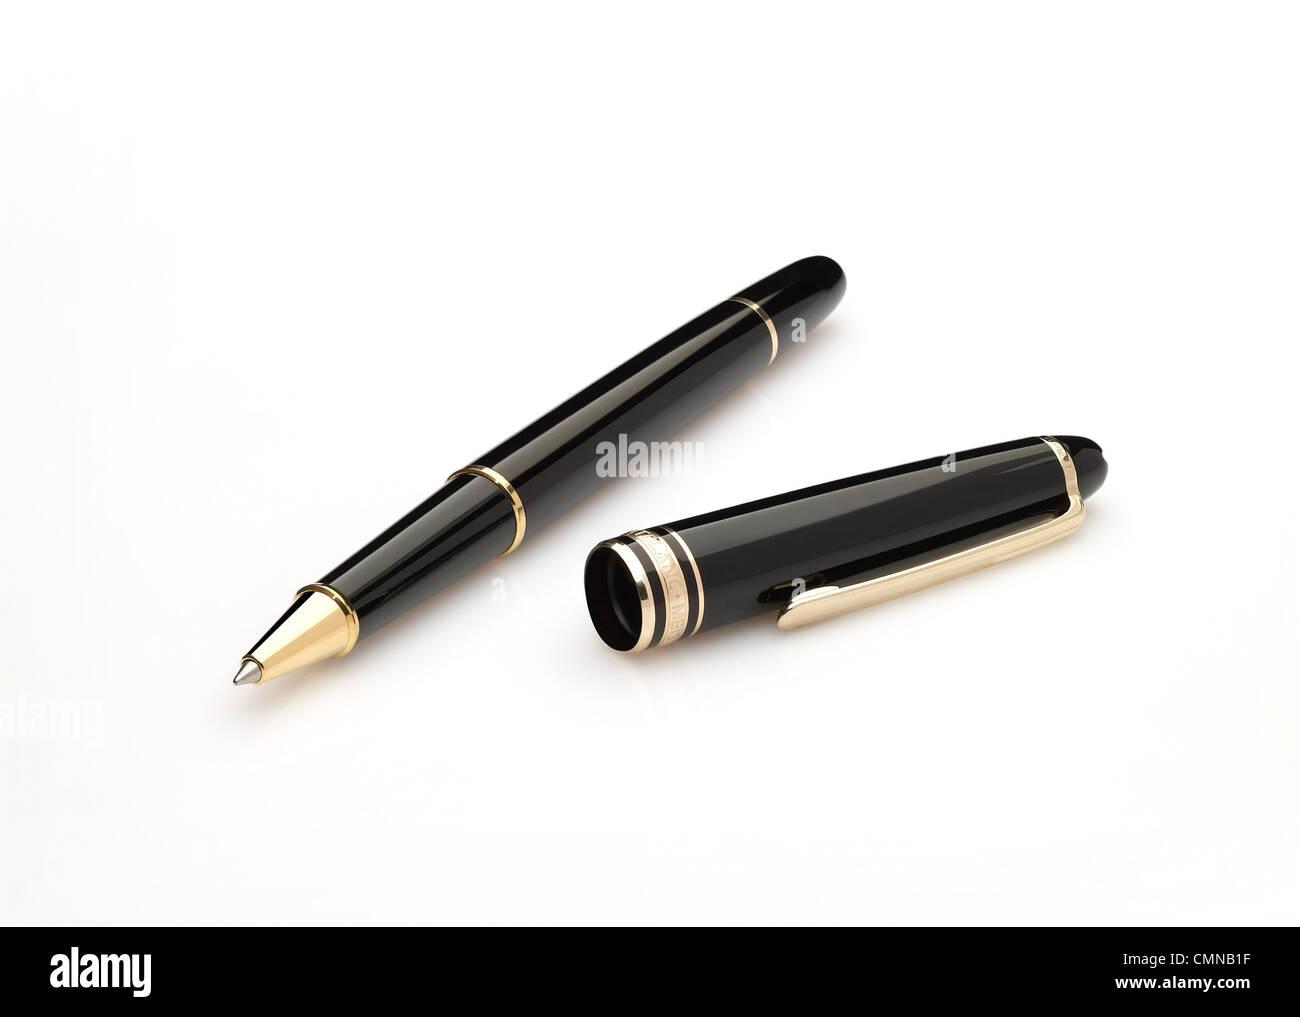 Executive-Stift, Stift auf weißem Grund, Unterzeichnung, Unterschrift, Zeichen, Kugelschreiber Stockbild